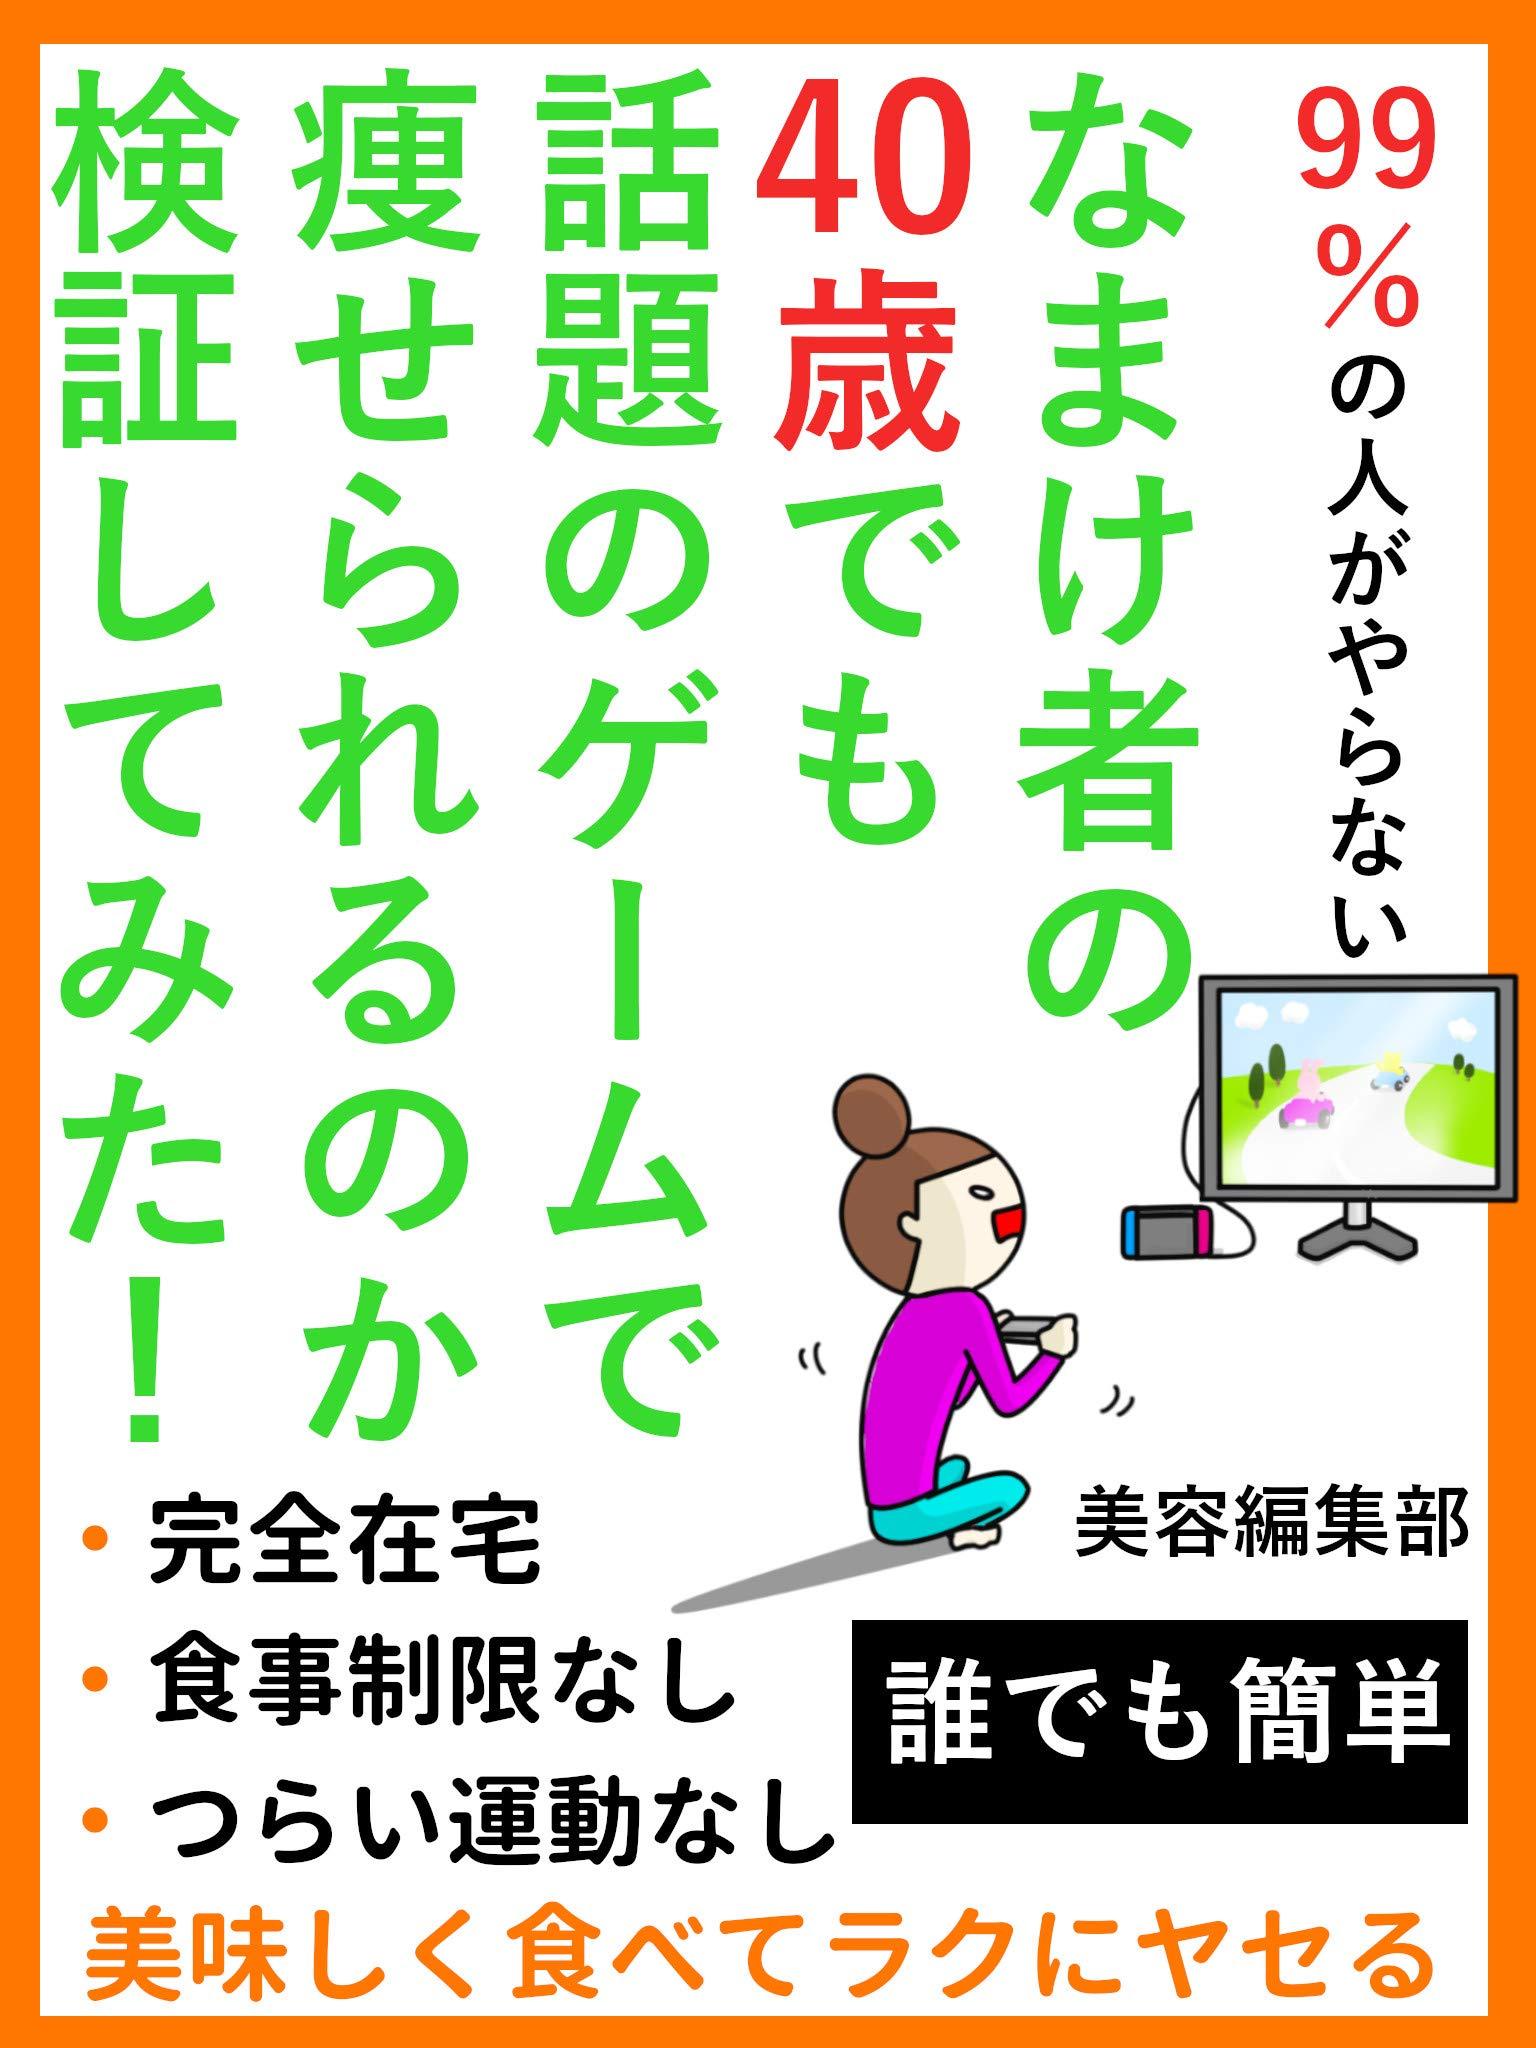 namakemononoyonnjussaidemowadainoge-mudeyaserarerunokakennsyousitemita: kyujuukyuupa-senntonohitogayaranaioisikutabeterakuniyaseru (Japanese Edition)